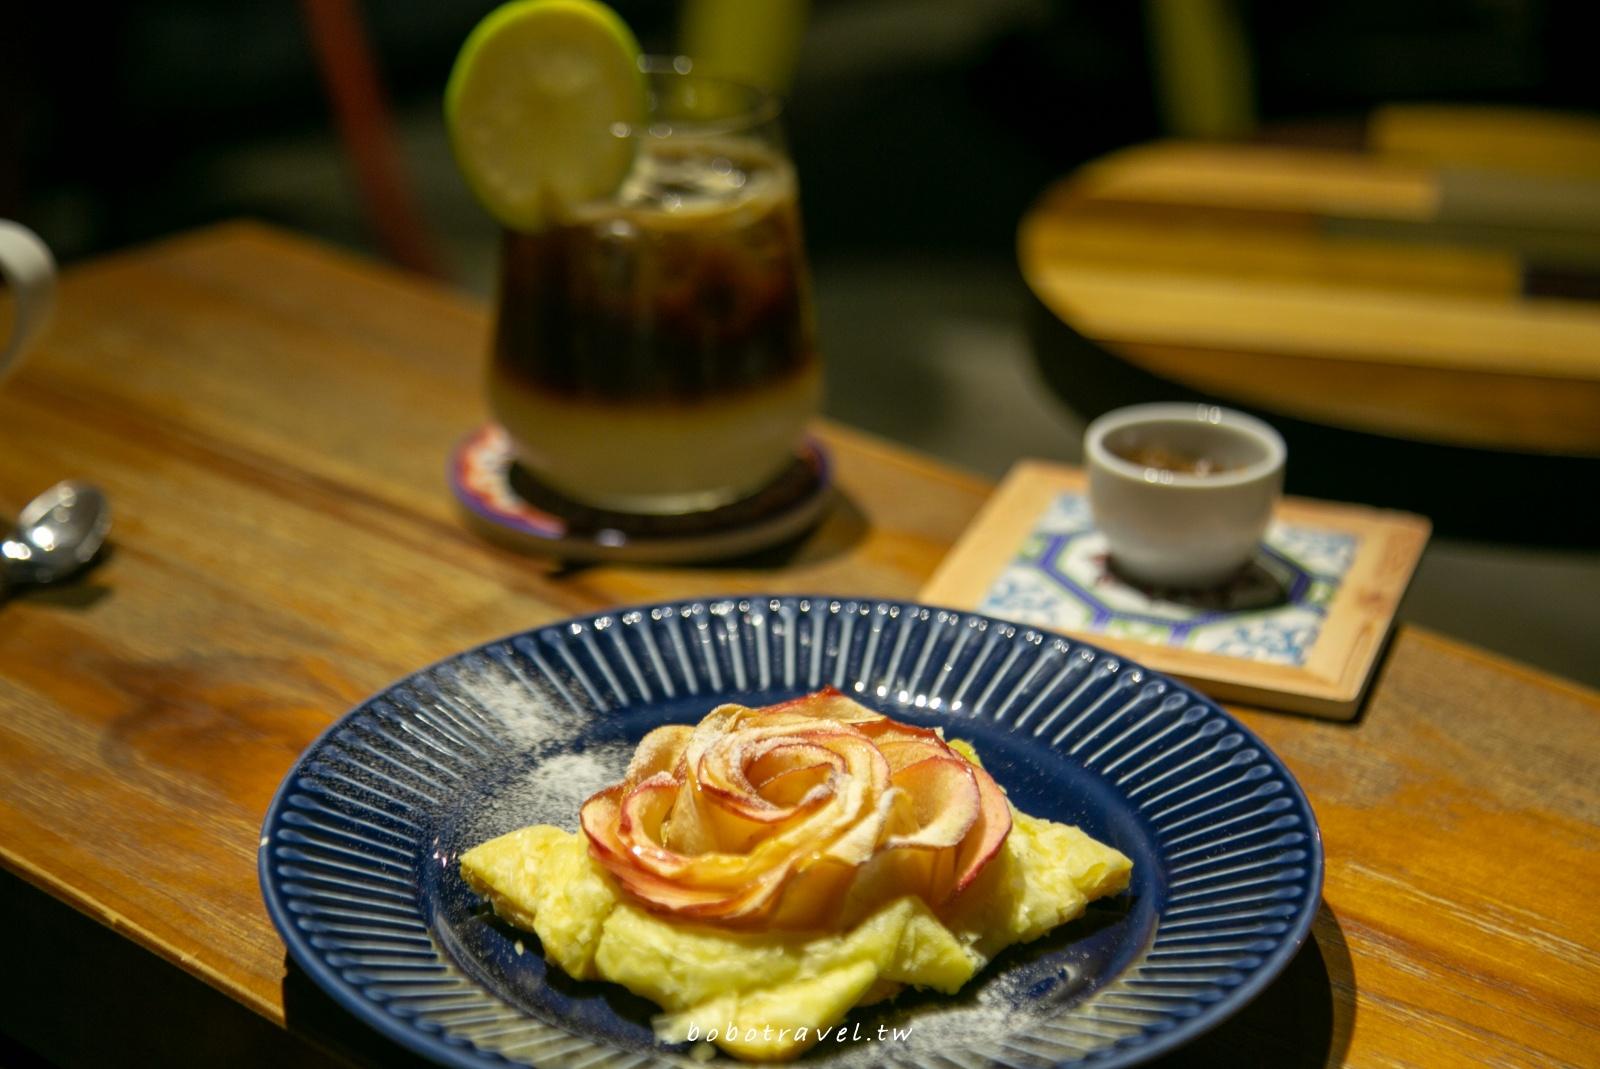 Mimi's Cafe米米咖啡、台大公館咖啡廳|免費wifi、有插座不限時 x 超好吃手工甜點,藏身巷弄內的質感咖啡店